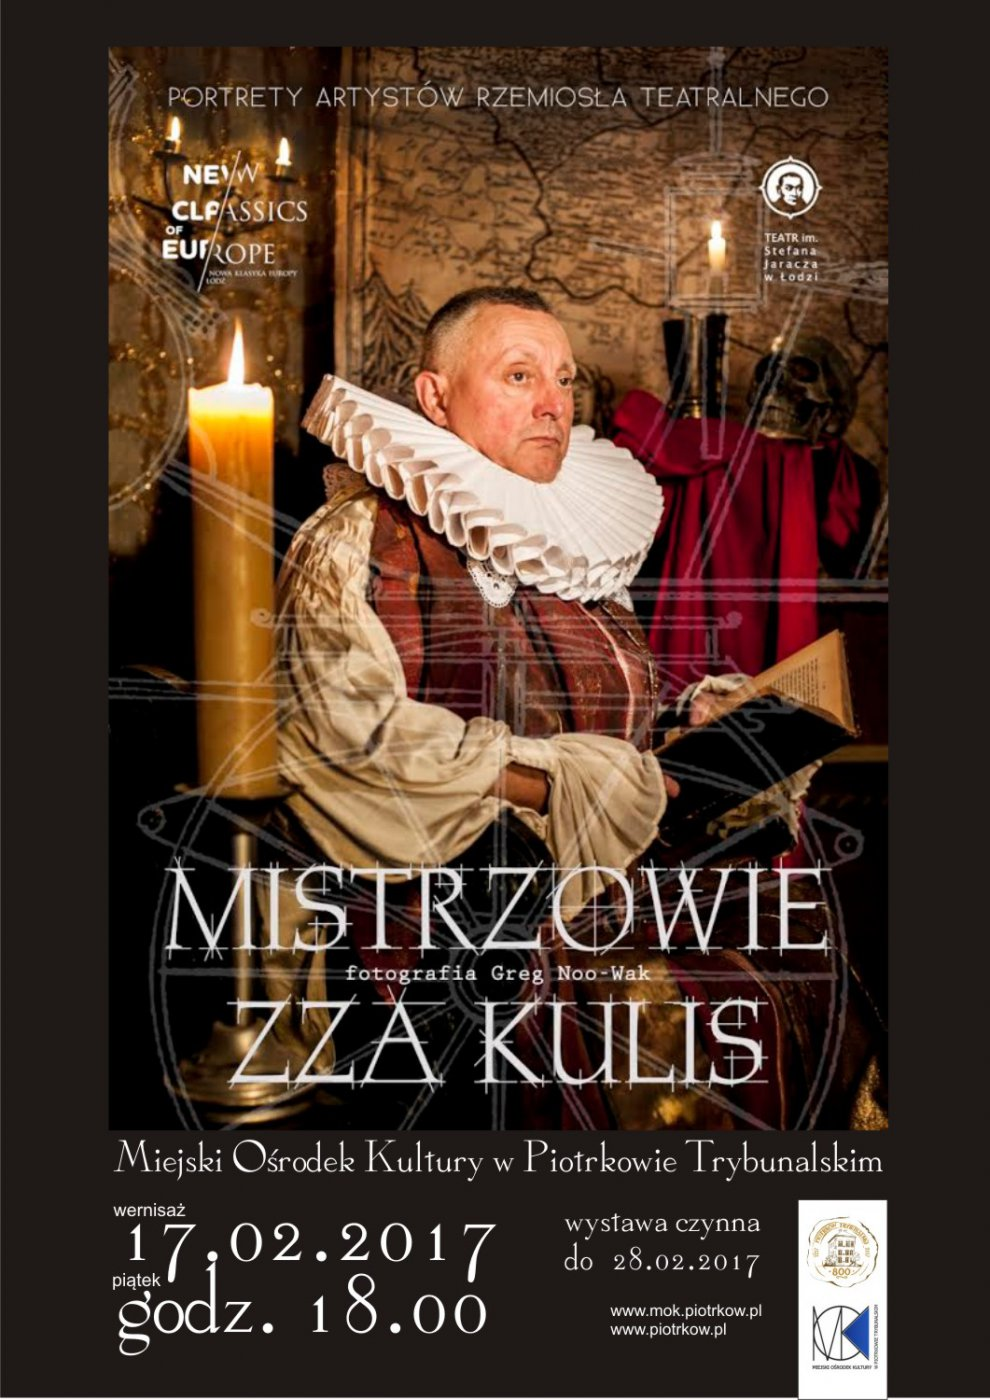 Wernisa¿ wystawy MISTRZOWIE ZZA KULIS. Portret artystów rzemios³a teatralnego